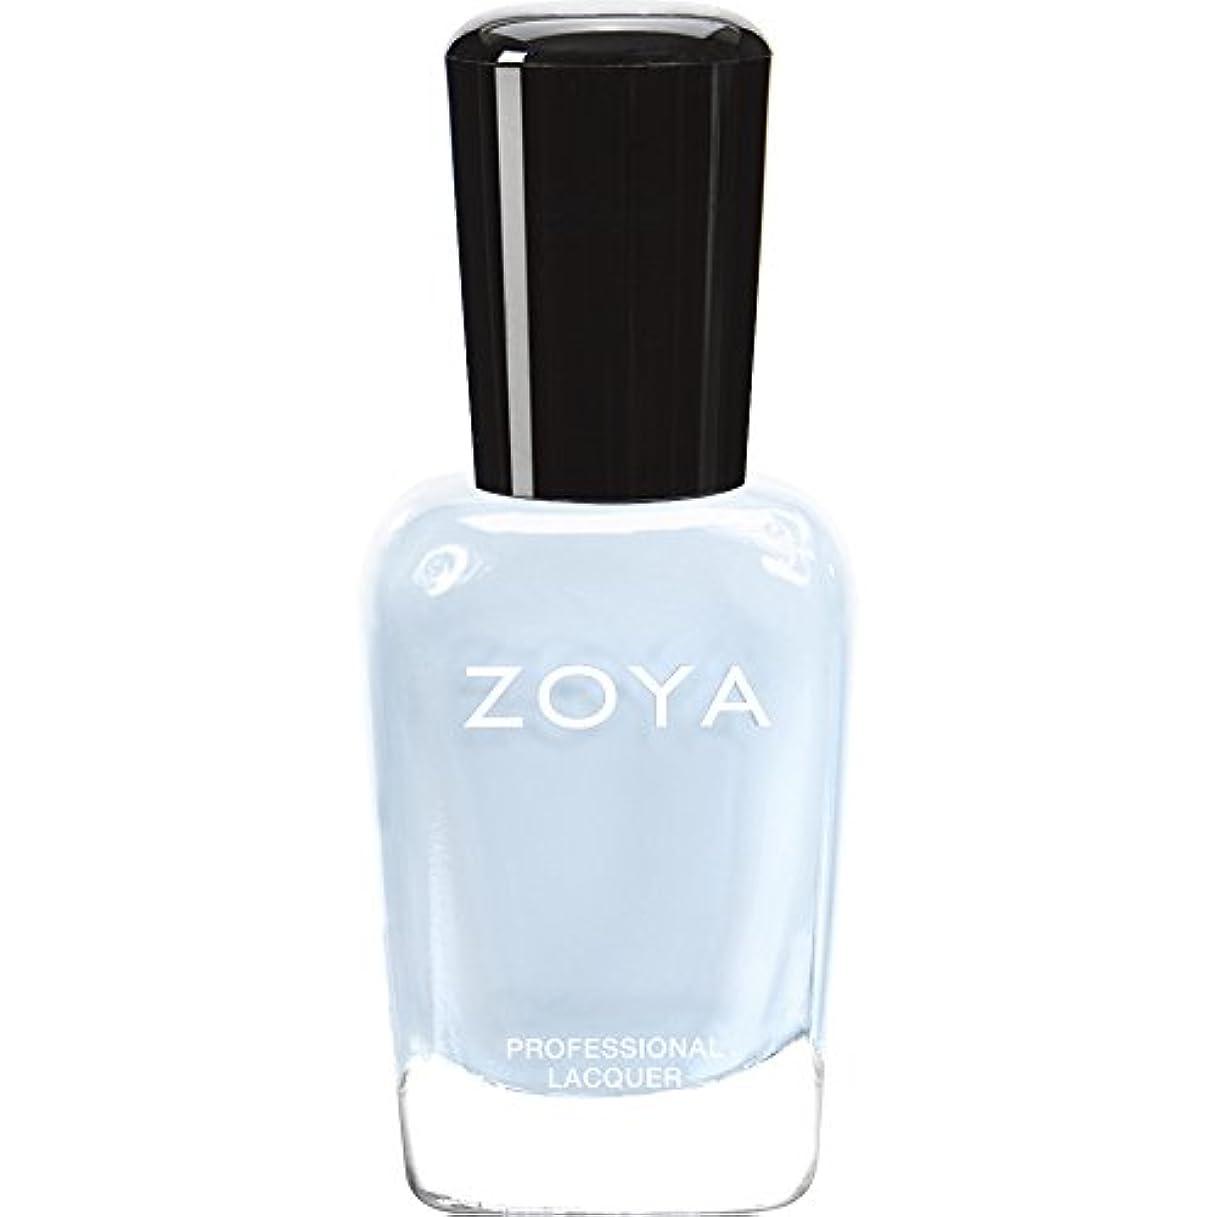 チート北西蜜ZOYA ゾーヤ ネイルカラー ZP653 BLU ブルー 15ml  2012 LOVELY COLLECTION 光沢のある淡いベビーブルー マット 爪にやさしいネイルラッカーマニキュア